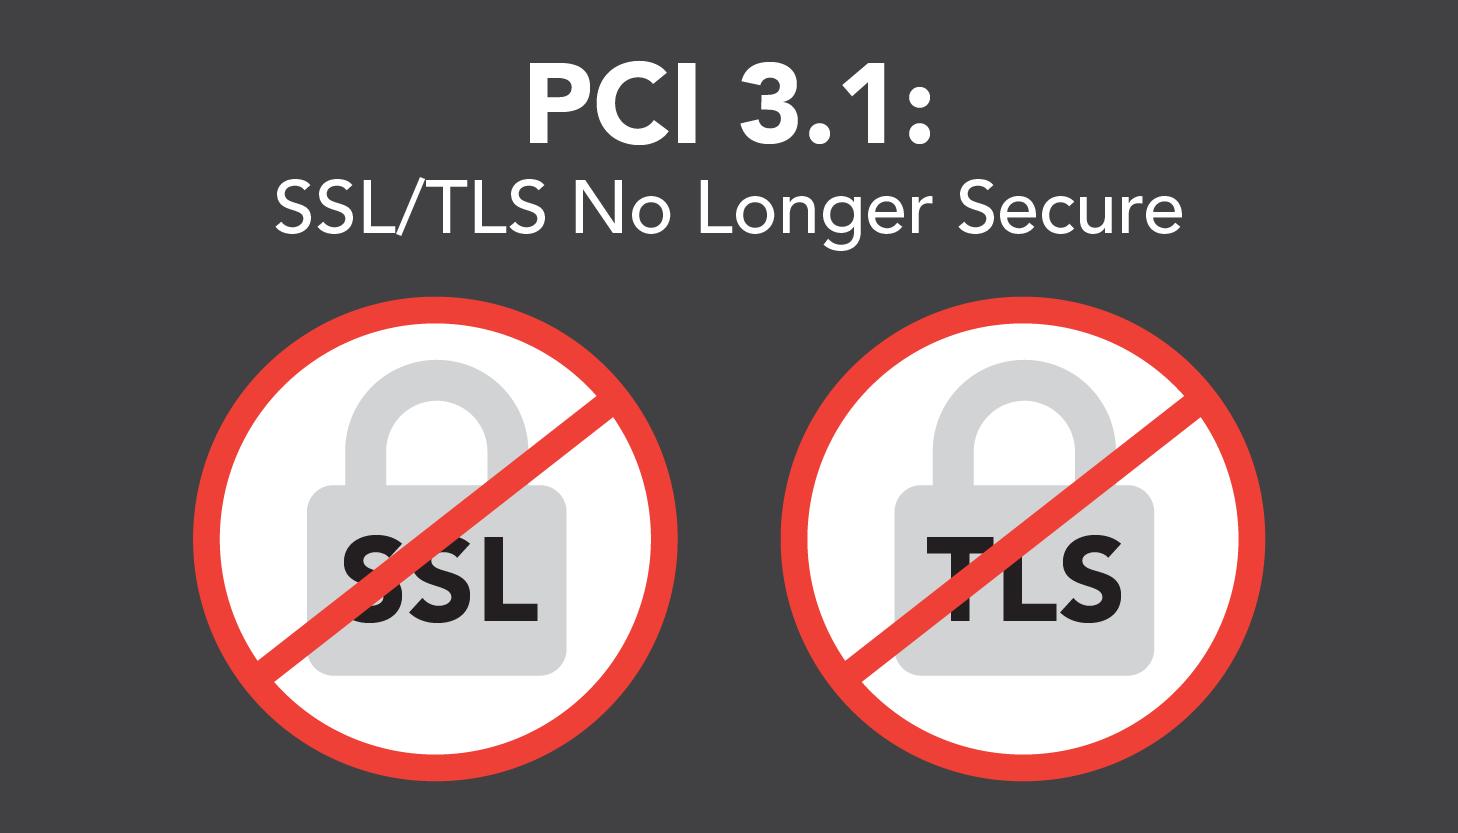 PCI 3.1 SSL TLS